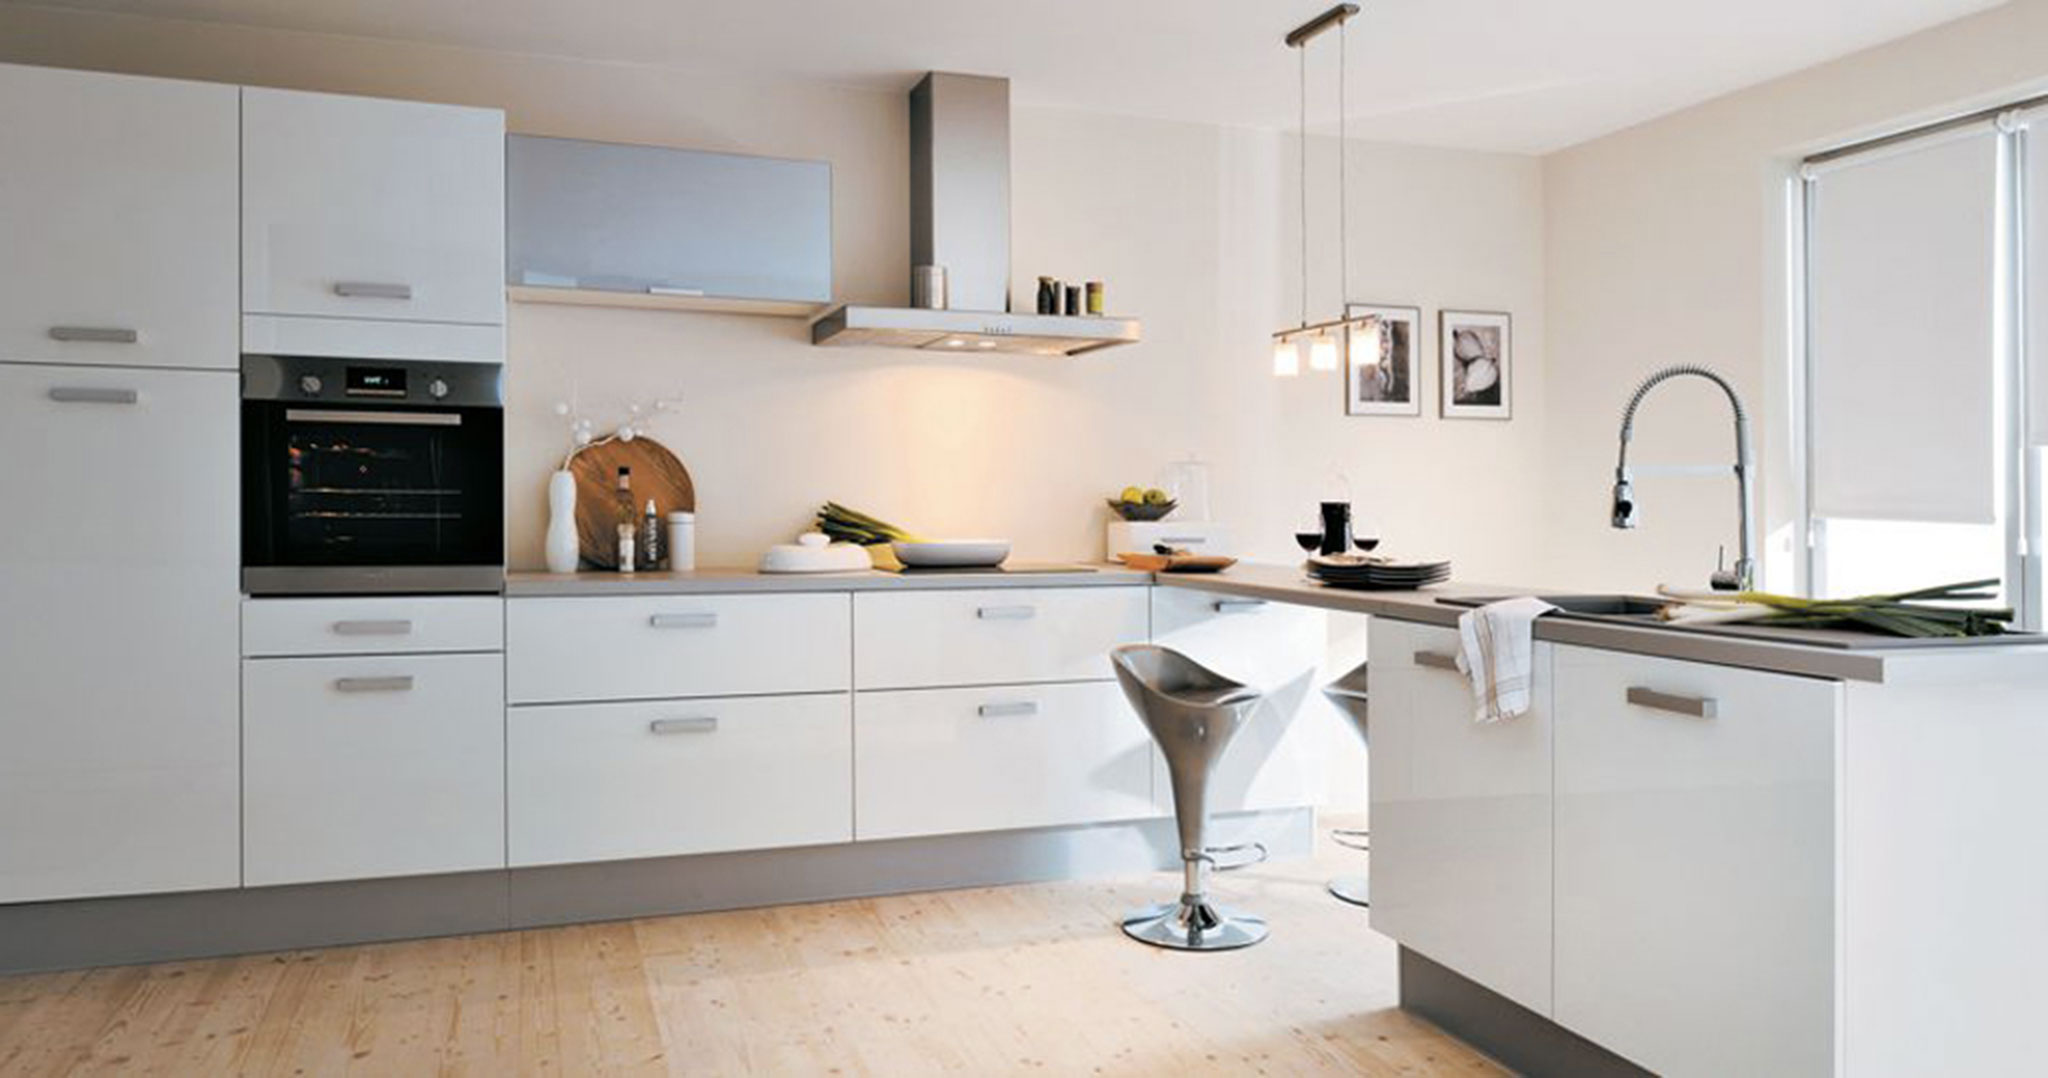 estimation et devis travaux tarif moyen en ligne gratuit. Black Bedroom Furniture Sets. Home Design Ideas